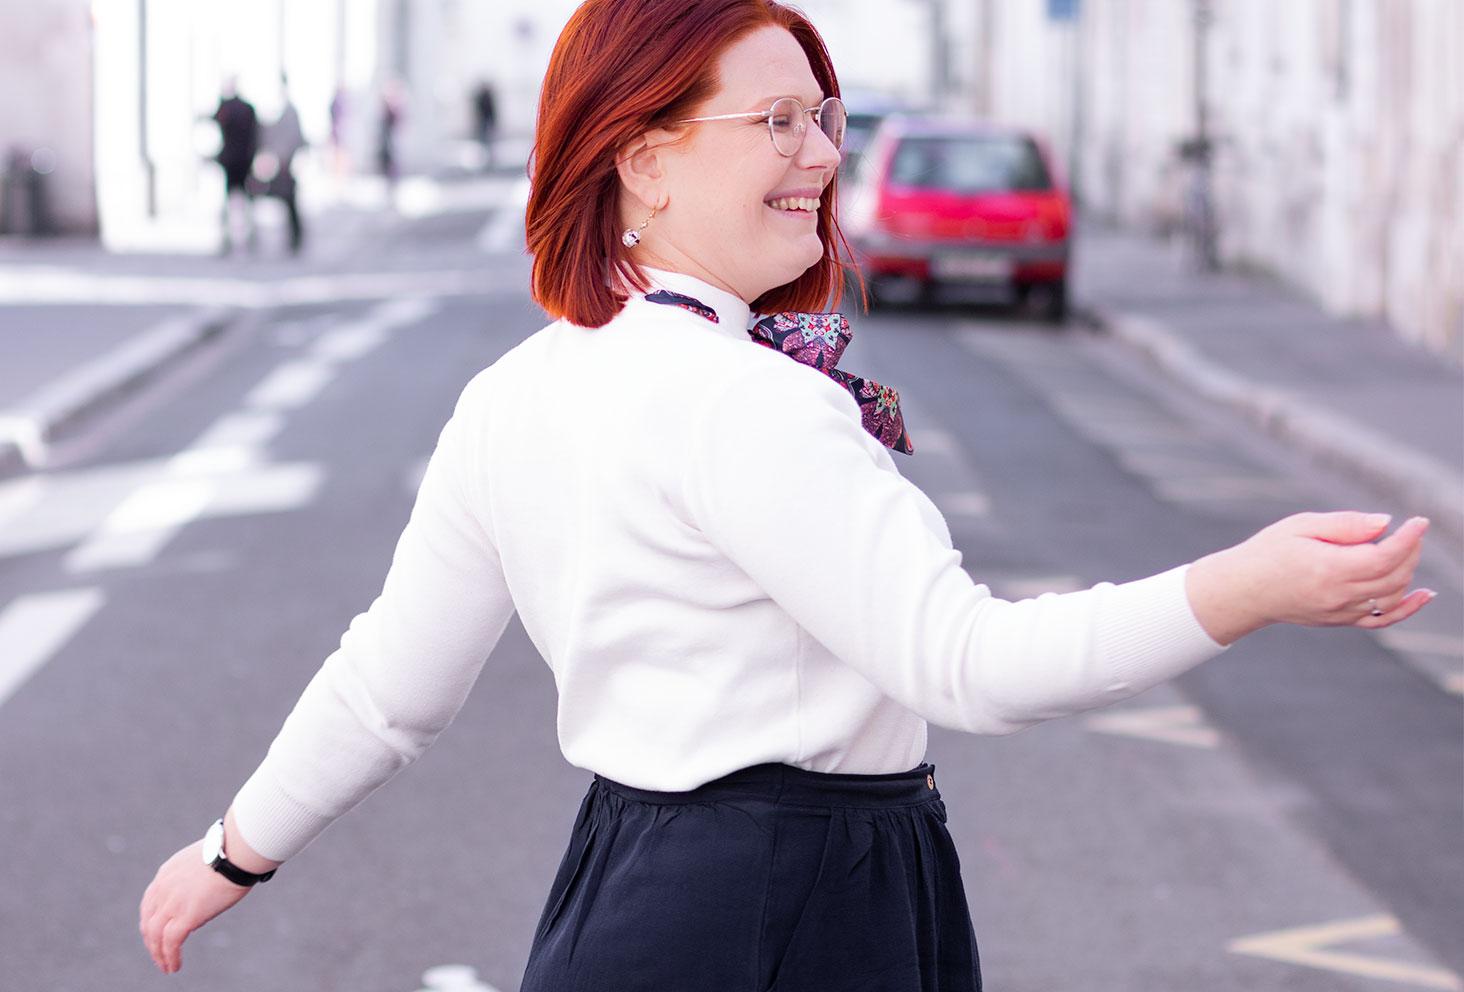 De profil avec le vent dans les cheveux, en train de faire tourner la jupe bleue, en pull blanc SheIn